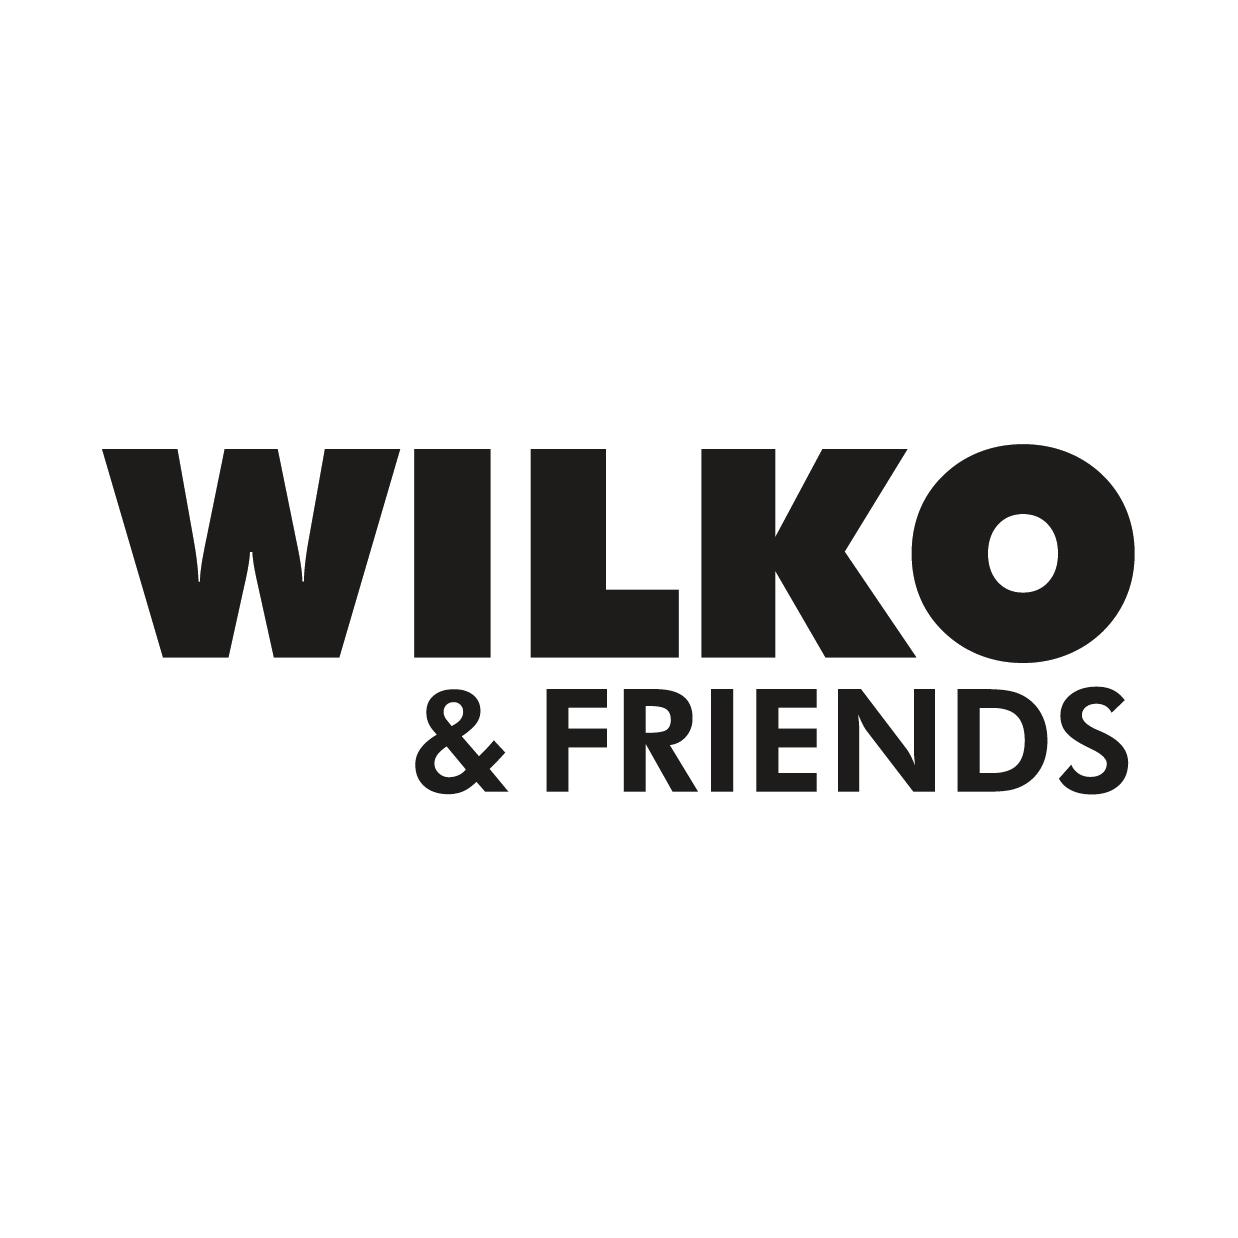 Wilko & Friends